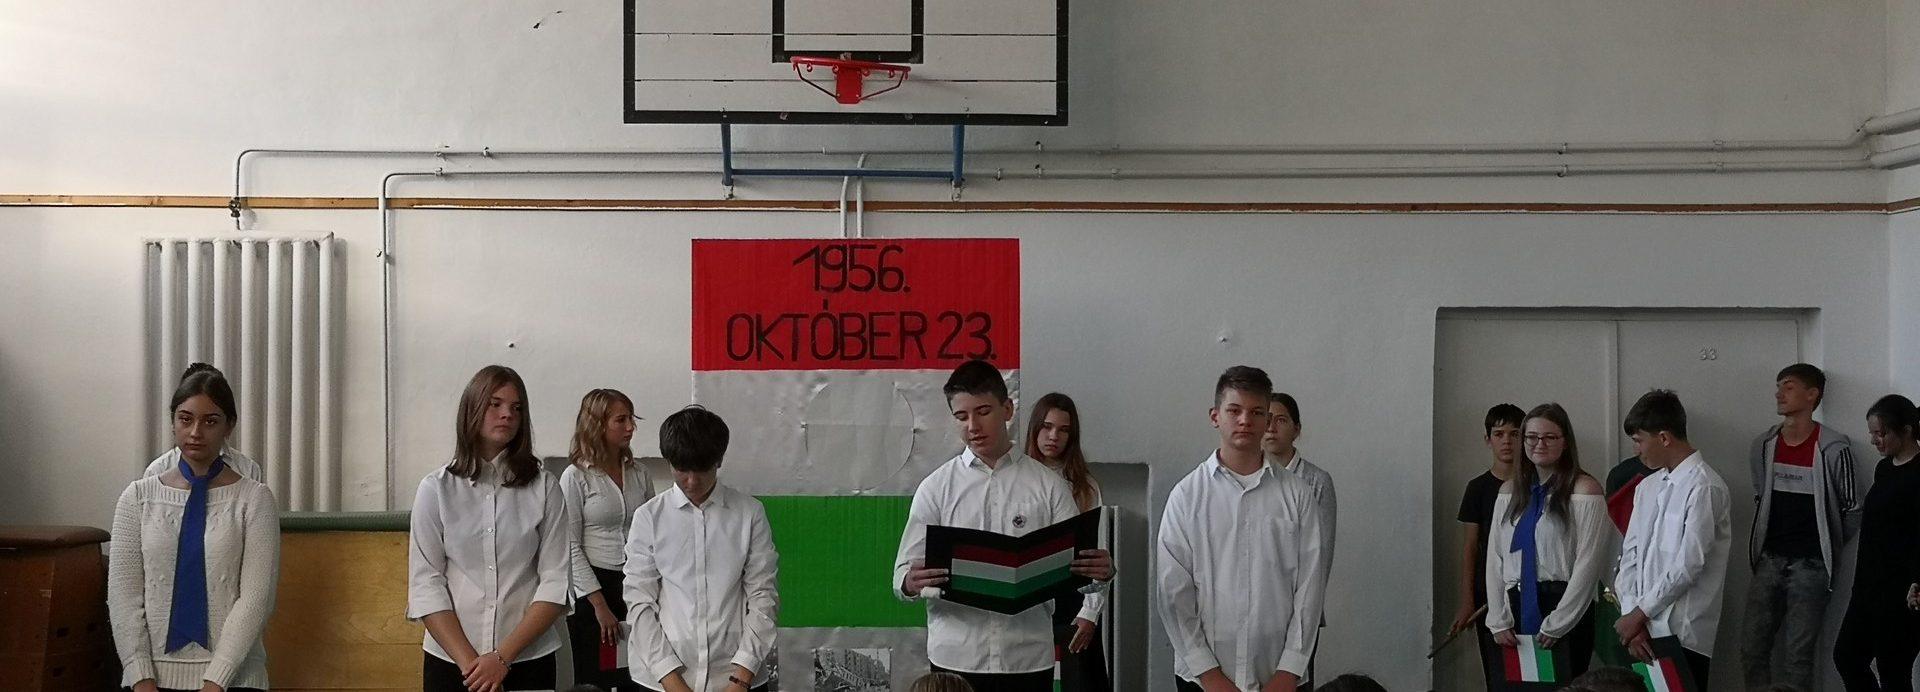 Emlékezés 1956. október 23-ra